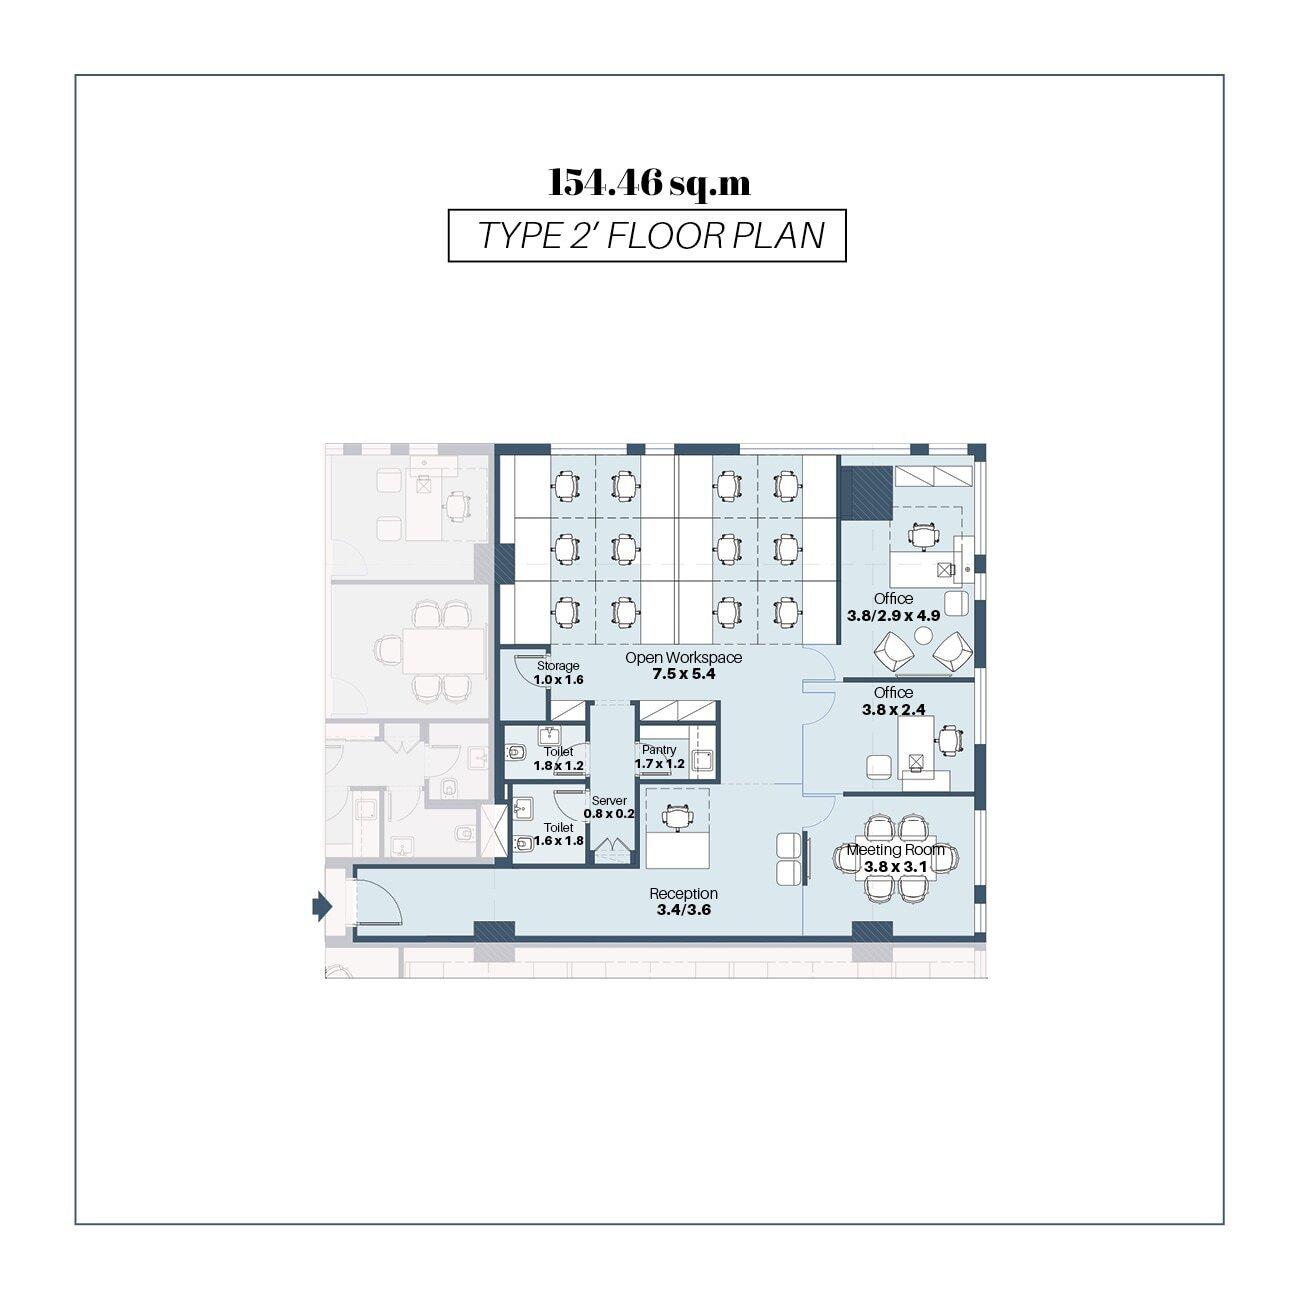 ezgif.com-gif-maker (2)